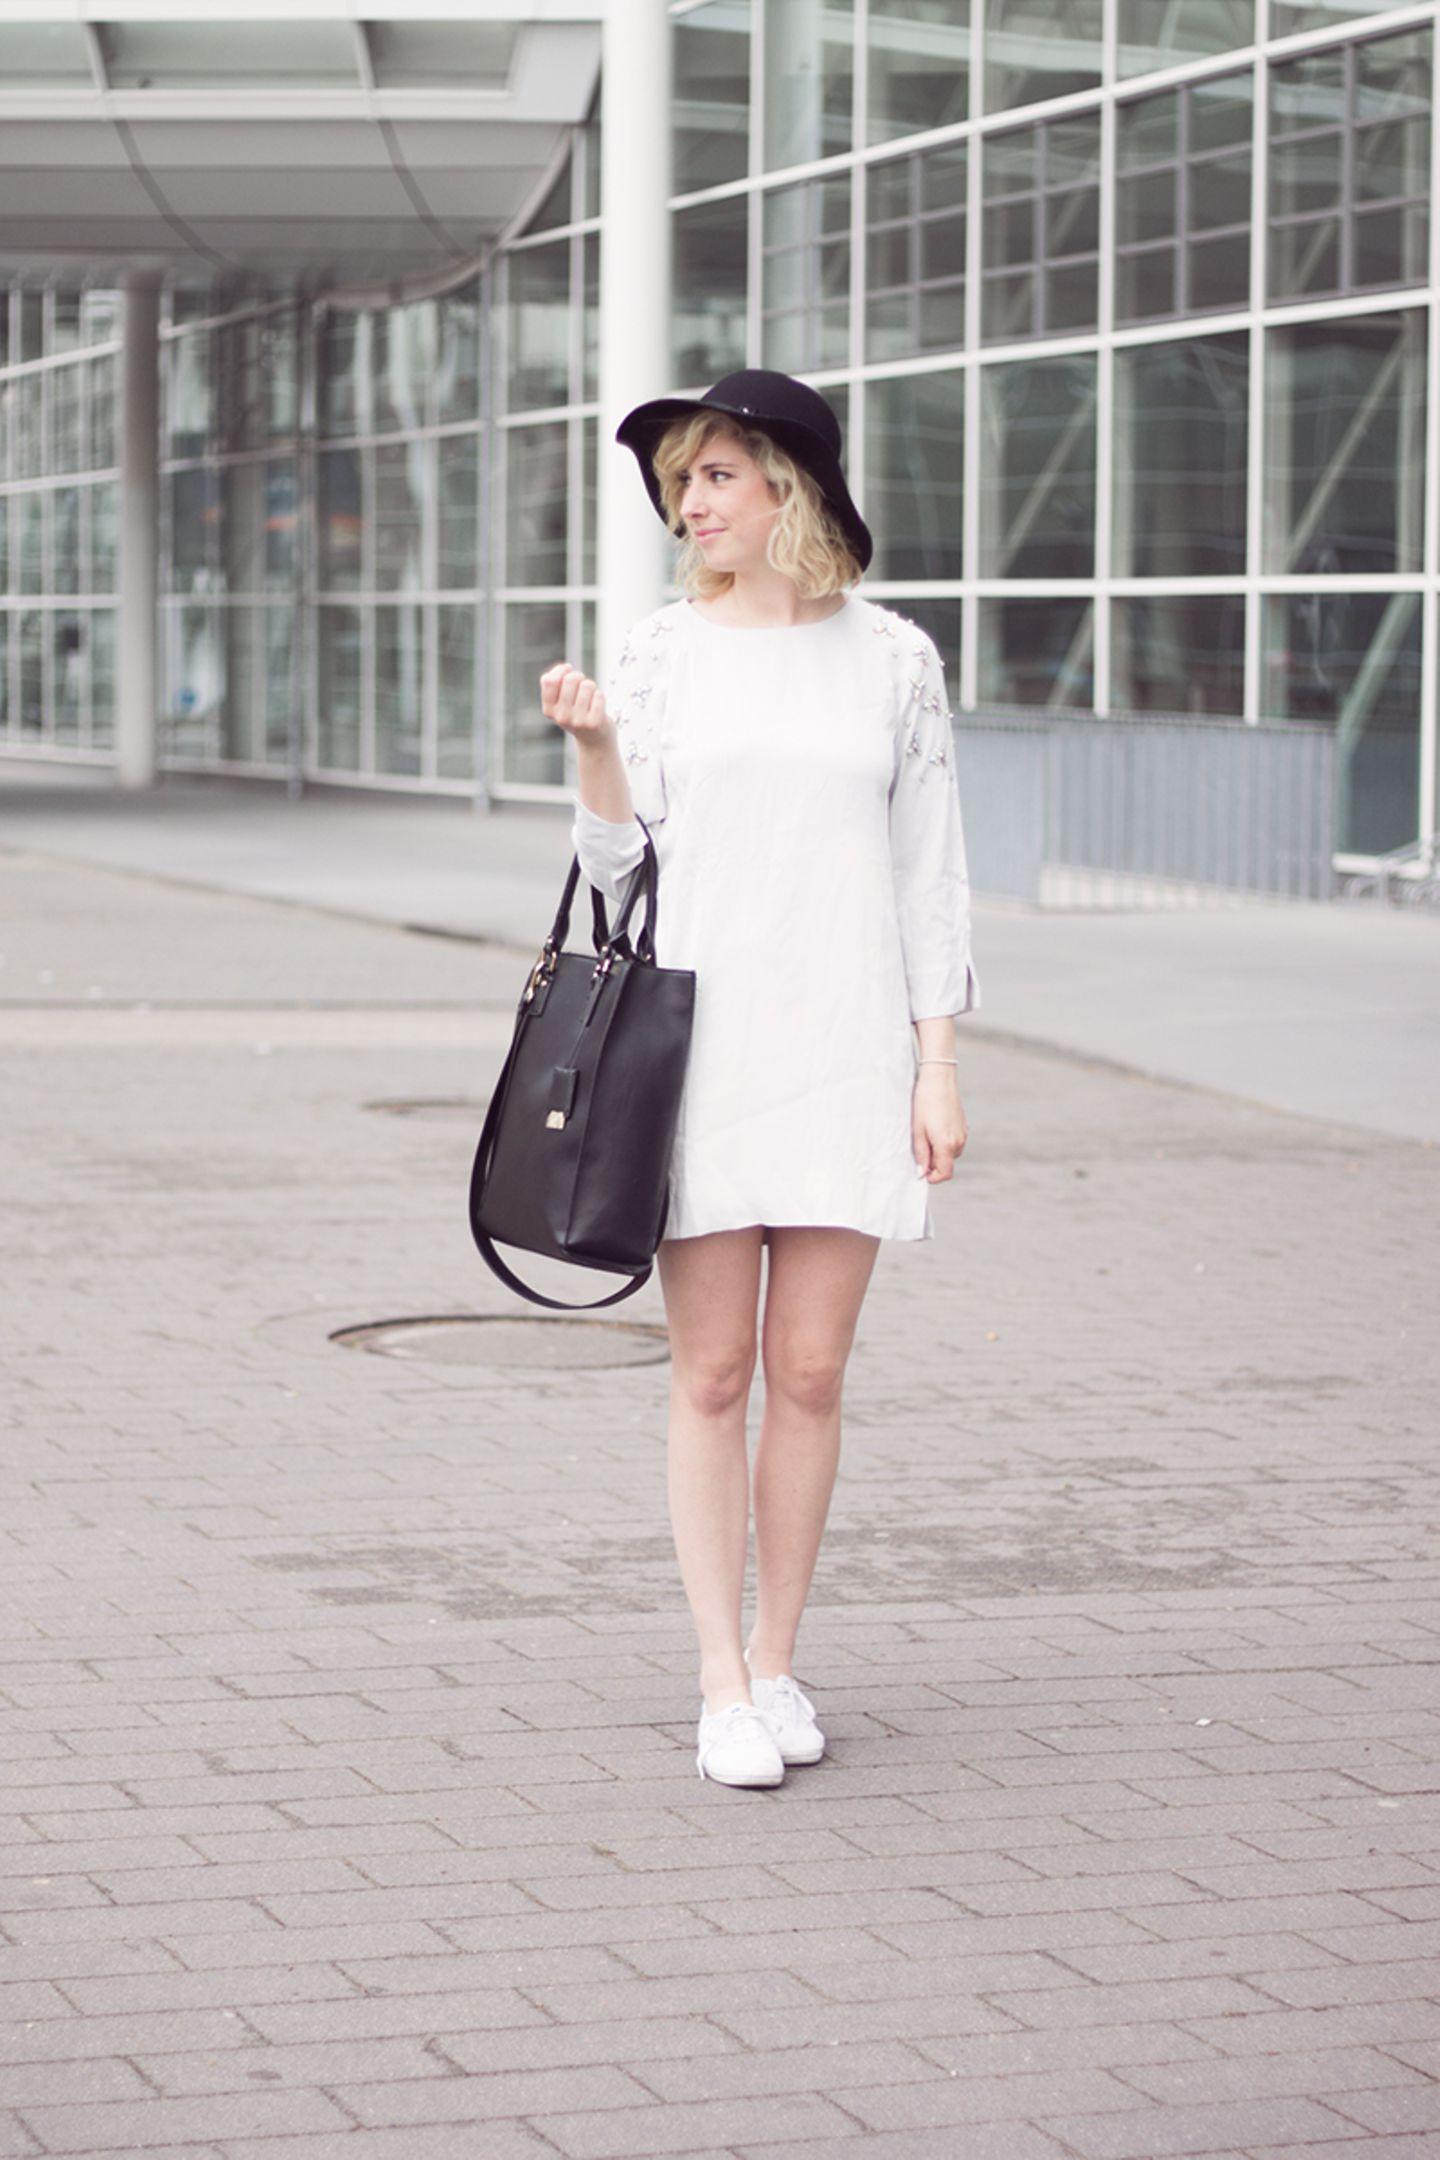 Sängerin und Mode-BloggerinJoleena setzt im Sommer auf große Hüte, die perfekt vor der Sonne schützen und ein stylisches Acccessoire zu jedem Outfit abgeben.